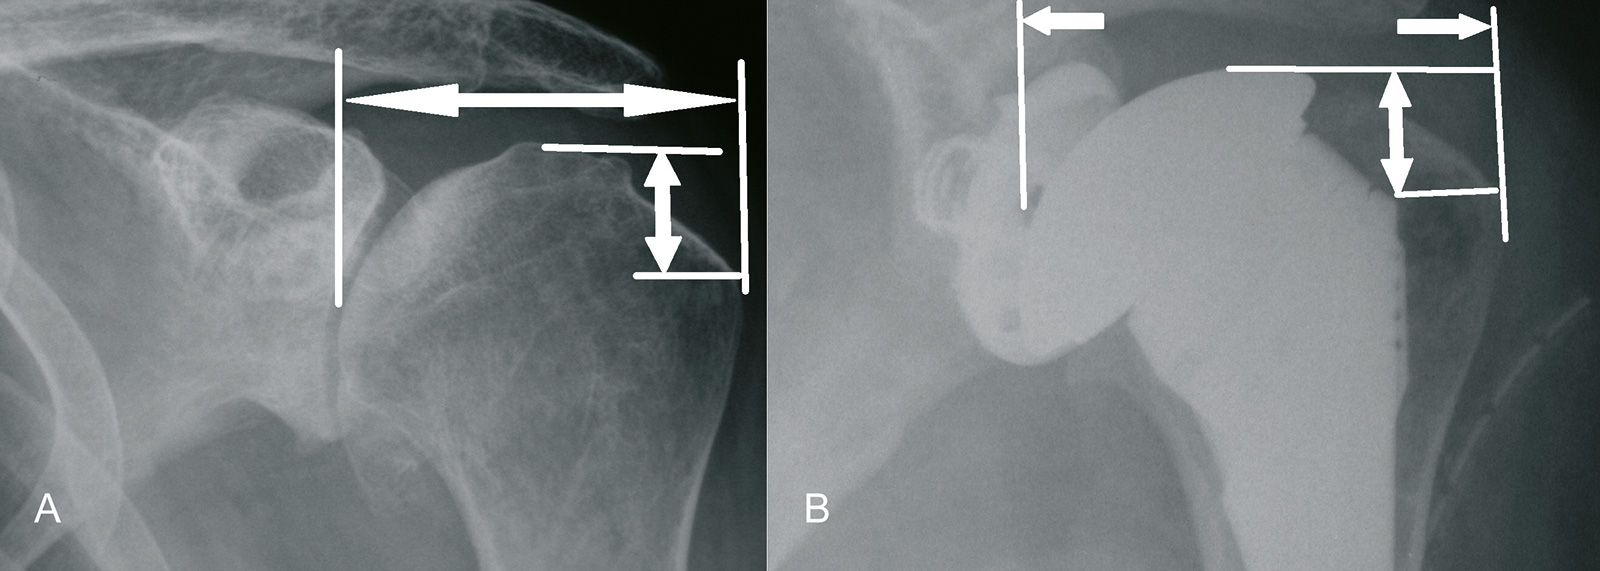 Abb. 1-59: Wiederherstellung der Humeruskopfhöhe und des Tuberculum-majus-Offset (A,B) ist von entscheidender Bedeutung für die postoperative Funktion